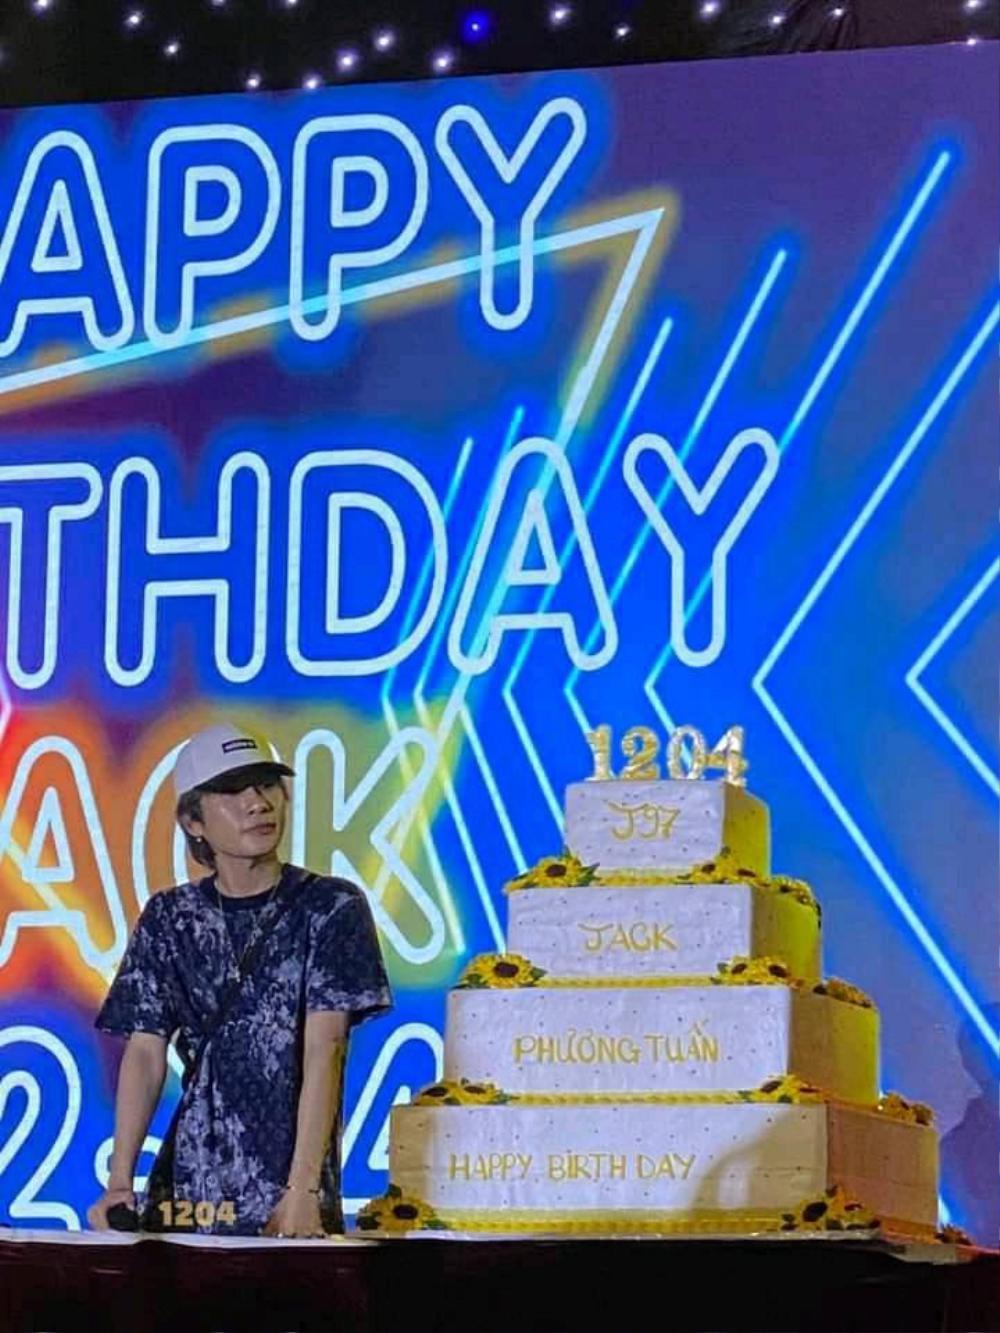 FC Đom đóm đem cả ngôi sao mang tên Jack-J97 tặng cho thần tượng: 'Anh là vị tinh tú' Ảnh 2